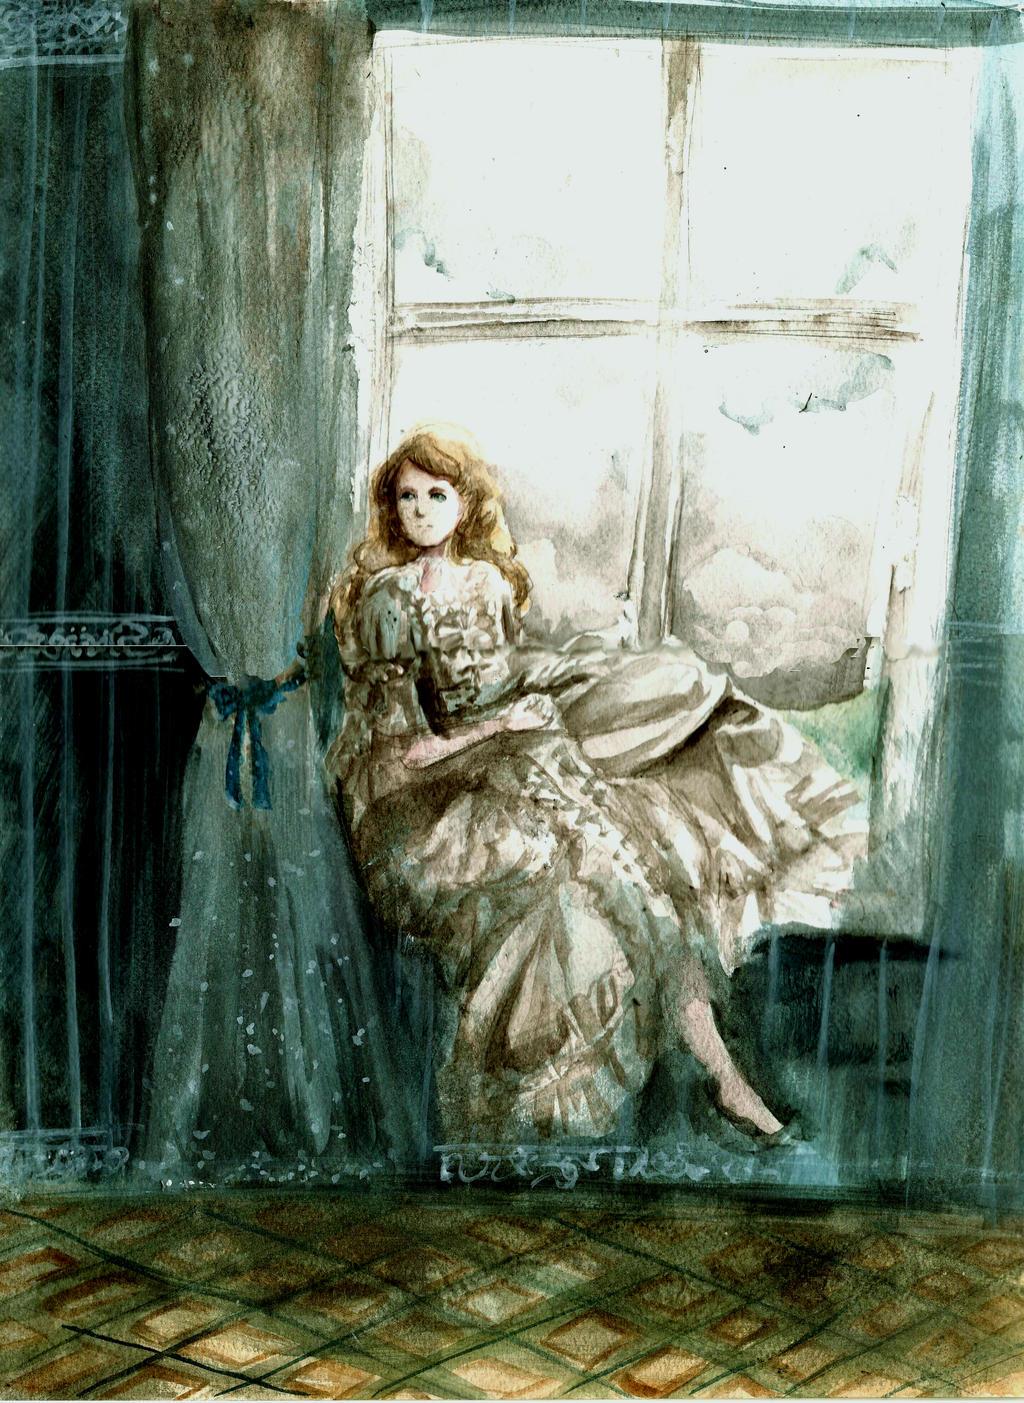 Dziewcze w oknie by rarazet